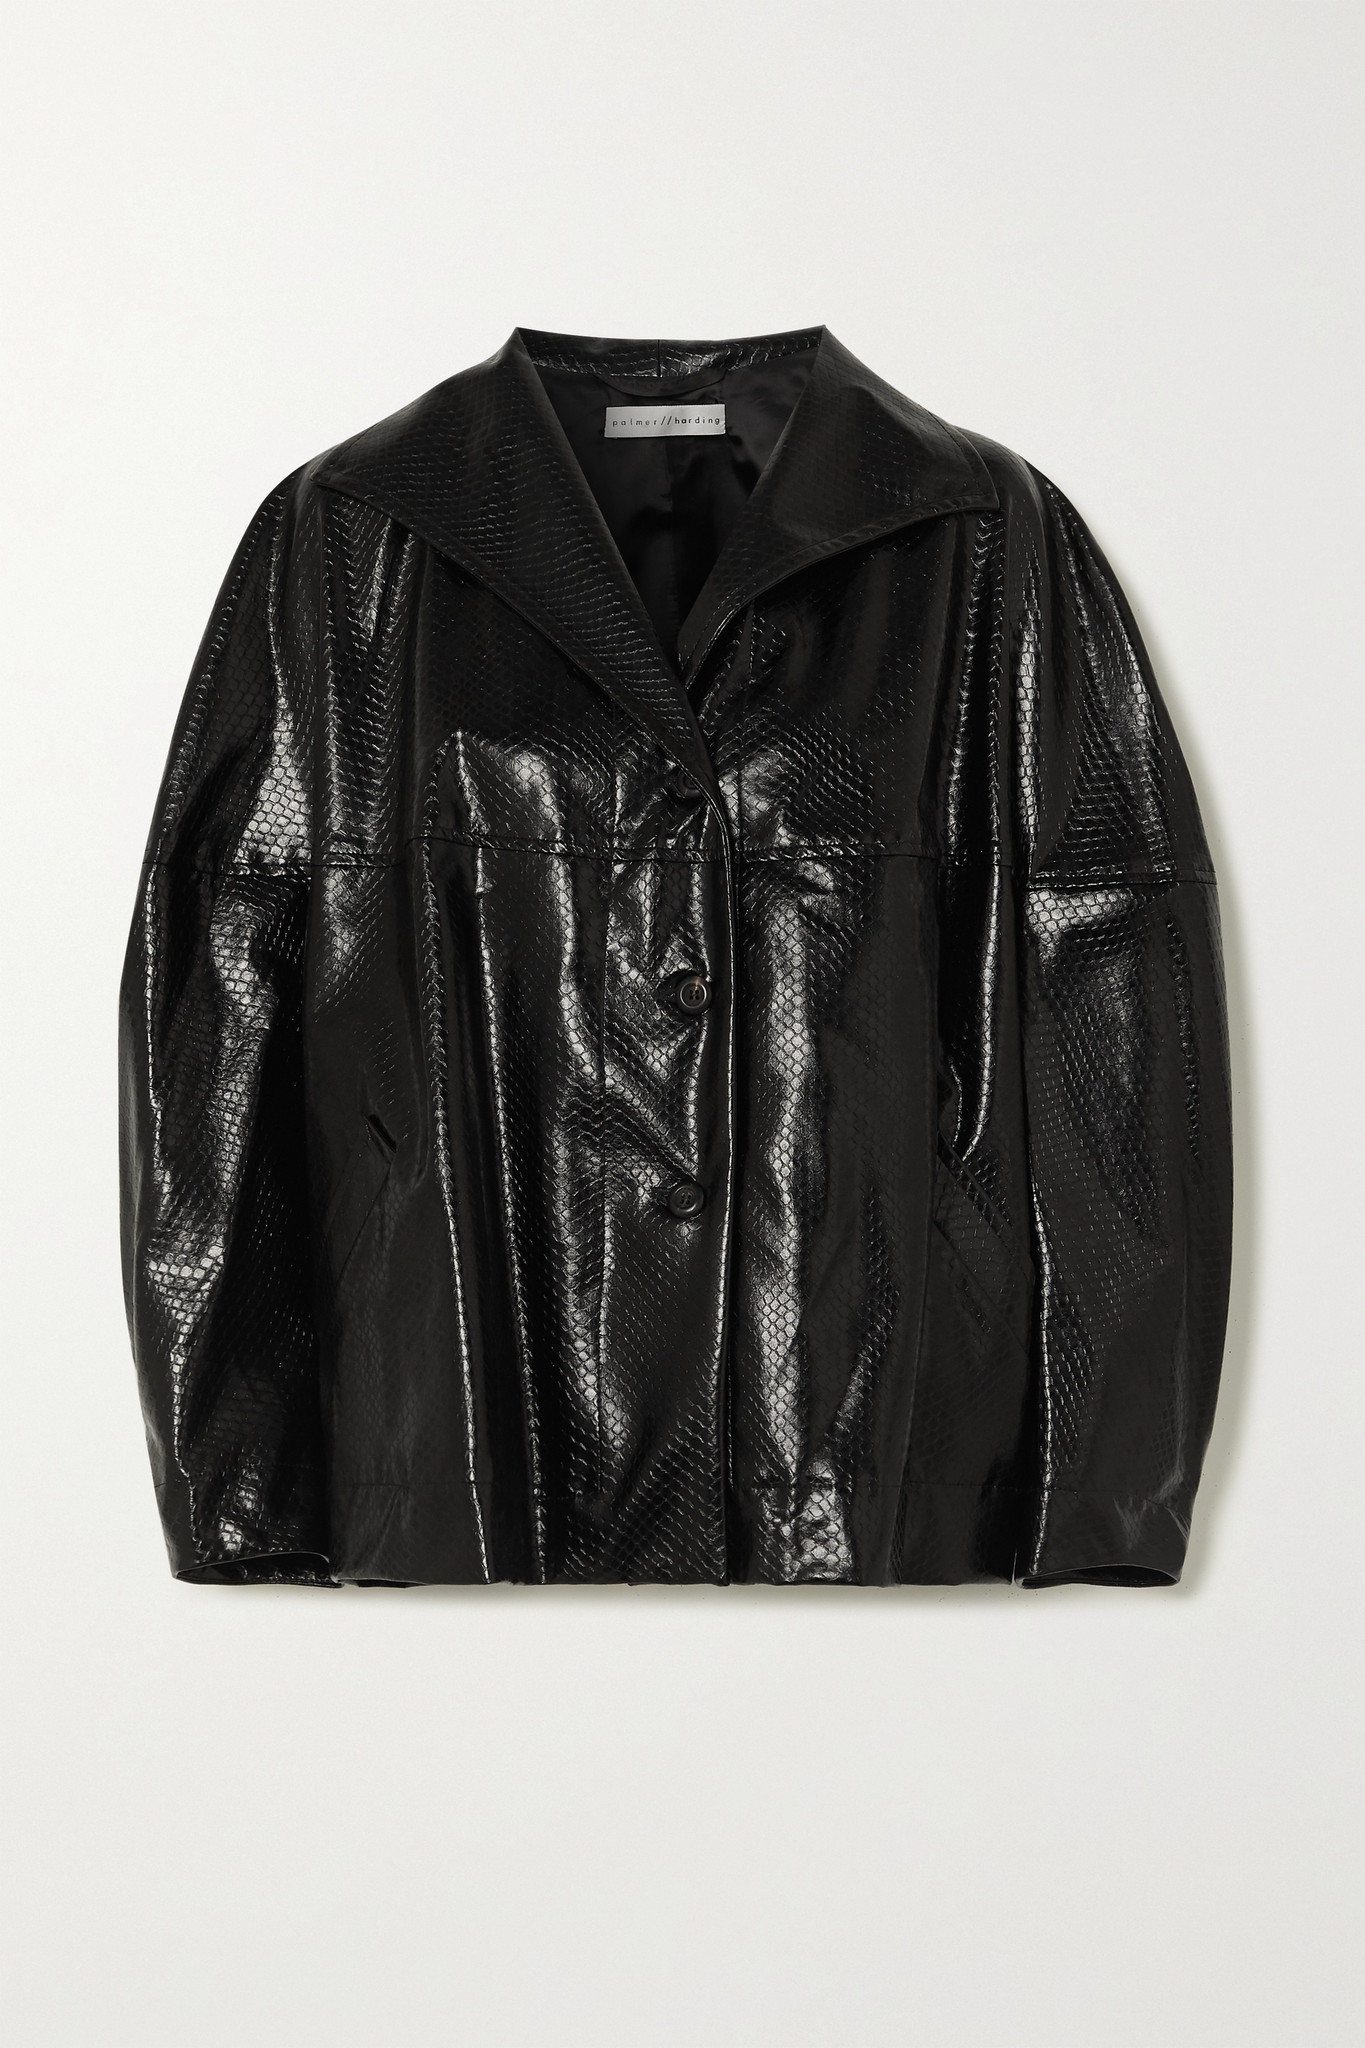 PALMER//HARDING - Rhesus Oversized Snake-effect Faux Leather Jacket - Black - XS/S